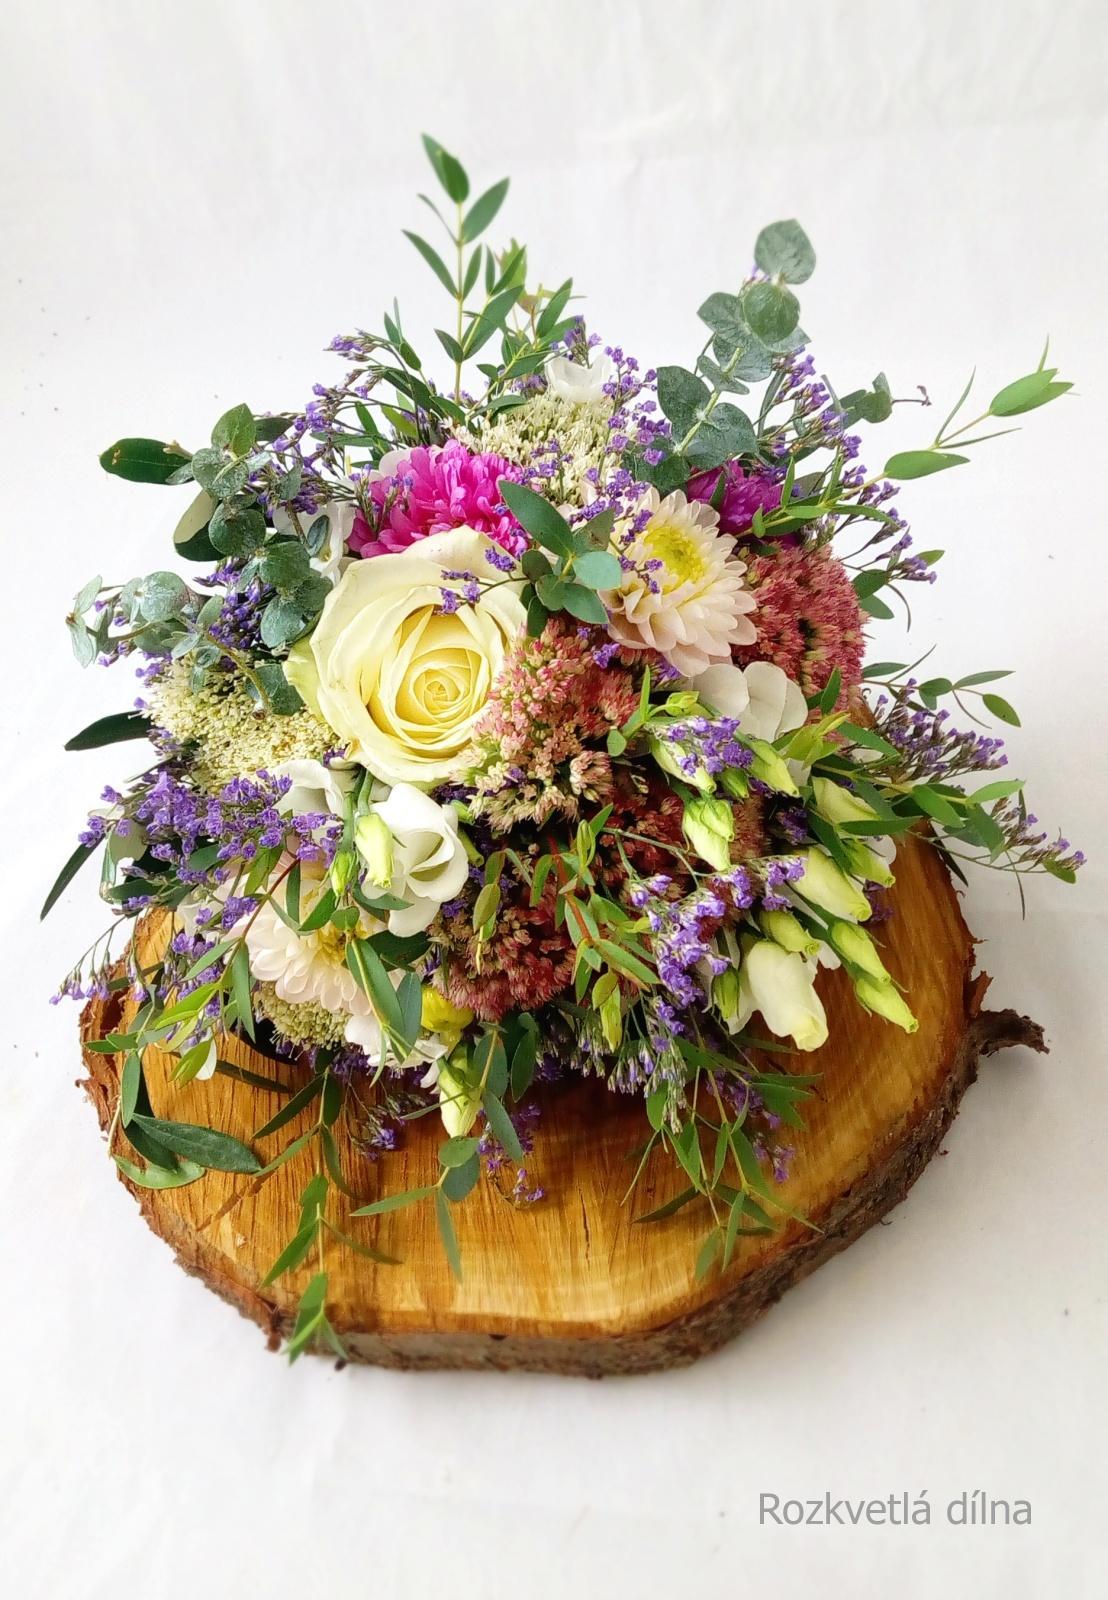 Léto se nám už stáčí k podzimu a s ním přicházejí ty krásné barevné a zemité svatby. Podzimní nevěsty, jaké máte v plánu barvy na tento podzim? Vkládám příklady z minulých let, které vznikly v mé dílně. Pokud byste potřebovaly květiny ještě na tento rok, napište, termíny ještě mám jak na podzim, tak na zimu. Otevřená je rezervace i na rok 2022. - Obrázek č. 5